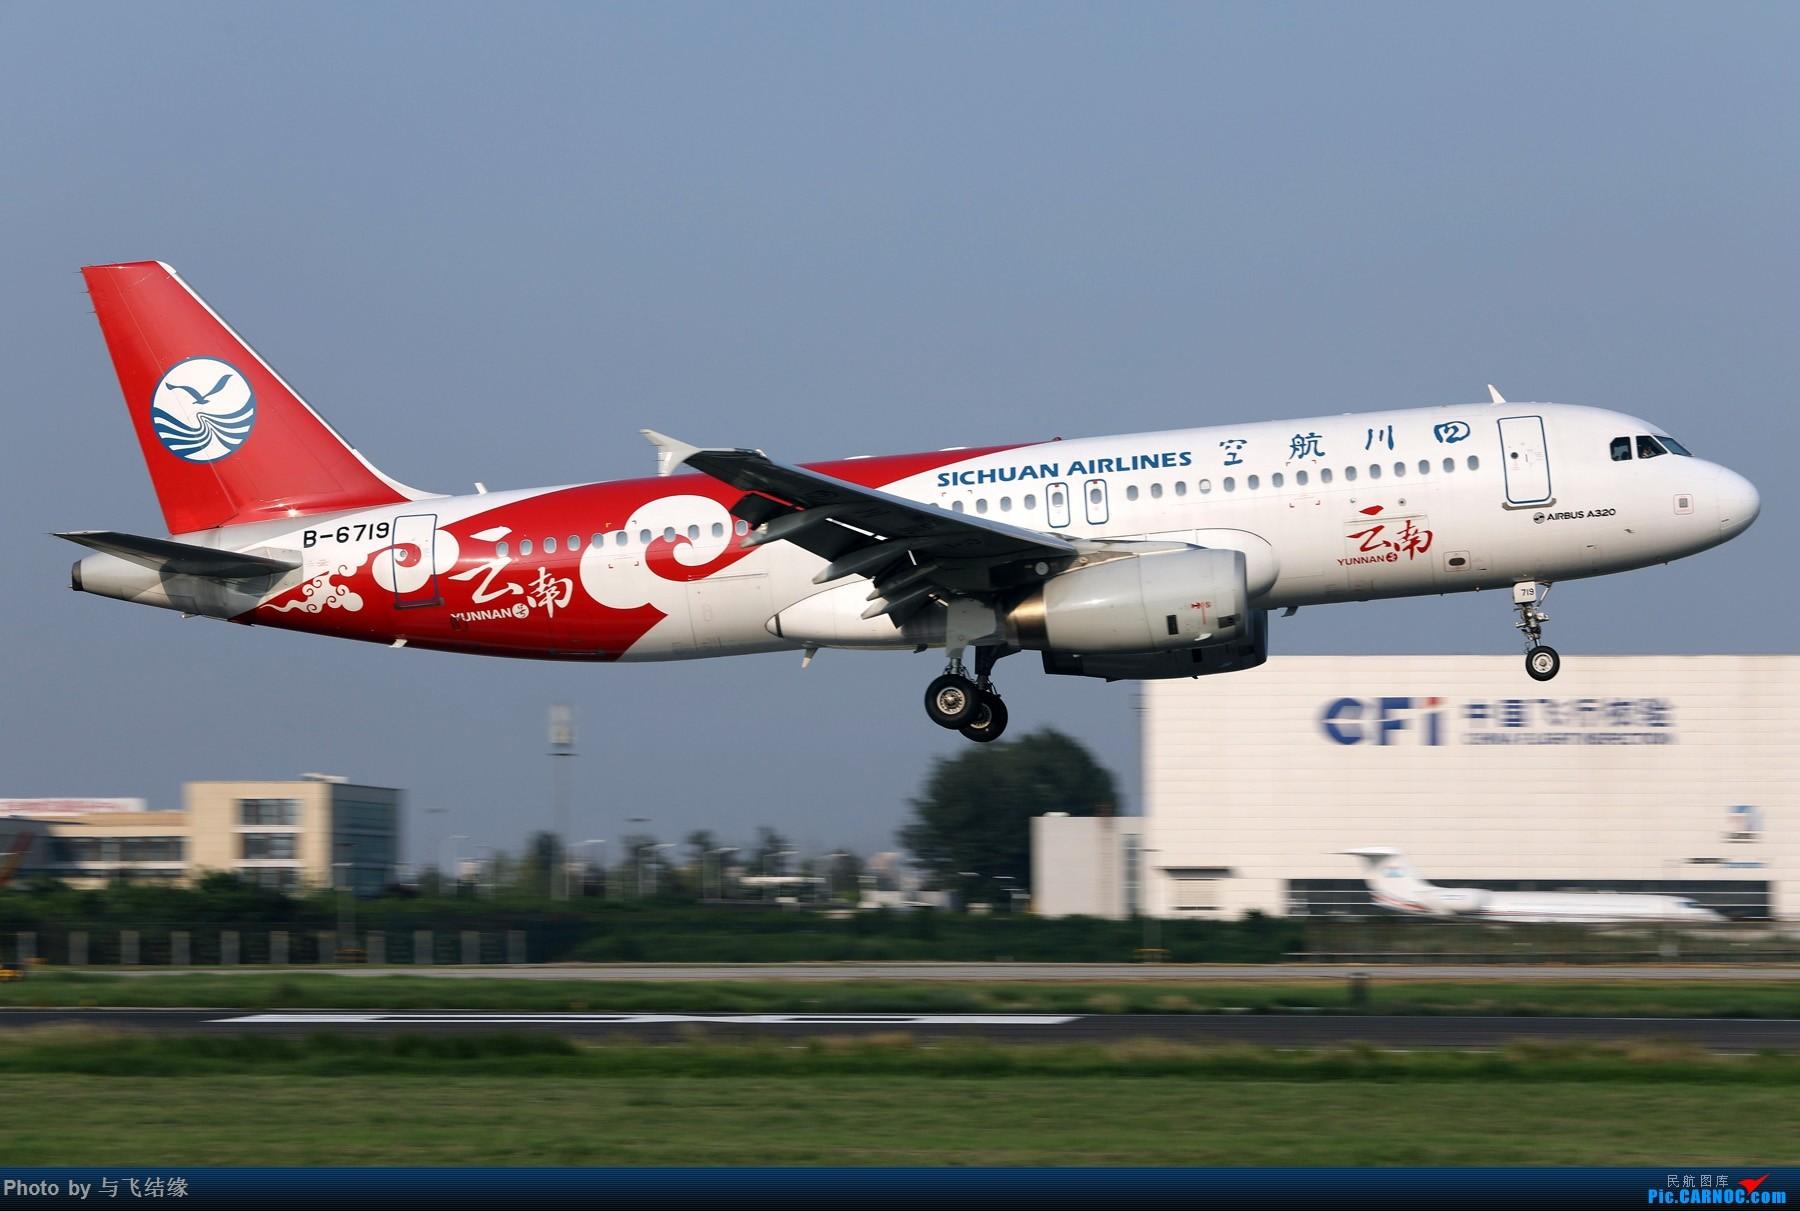 四川航空B-6719Airbus A320-200靓图两张。 AIRBUS A320-200 B-6719 中国北京首都国际机场